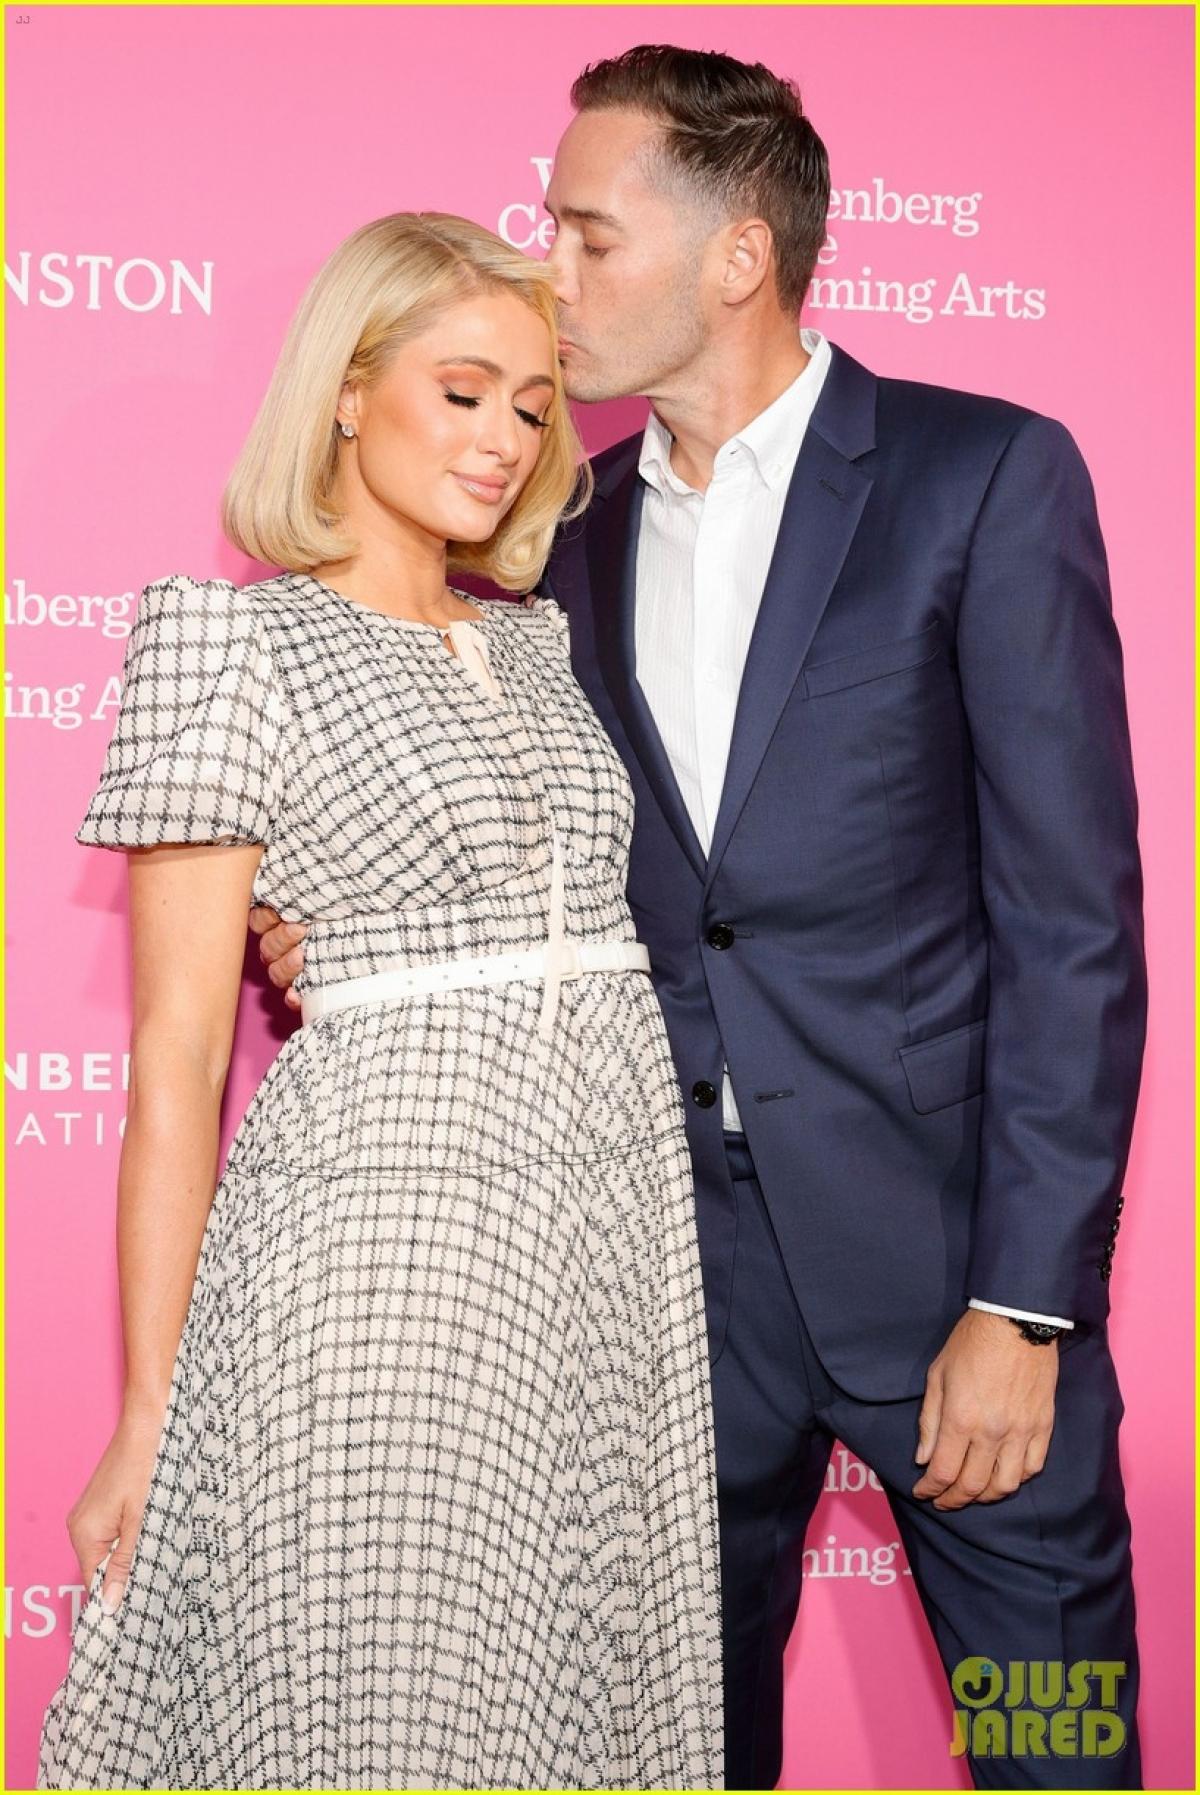 Paris Hilton và Carter Reum sánh đôi tình tứ khi tham dự sự kiện tại Trung tâm Biểu diễn Nghệ thuật The Wallis Annenberg ở Beverly Hills, California hôm 25/9.